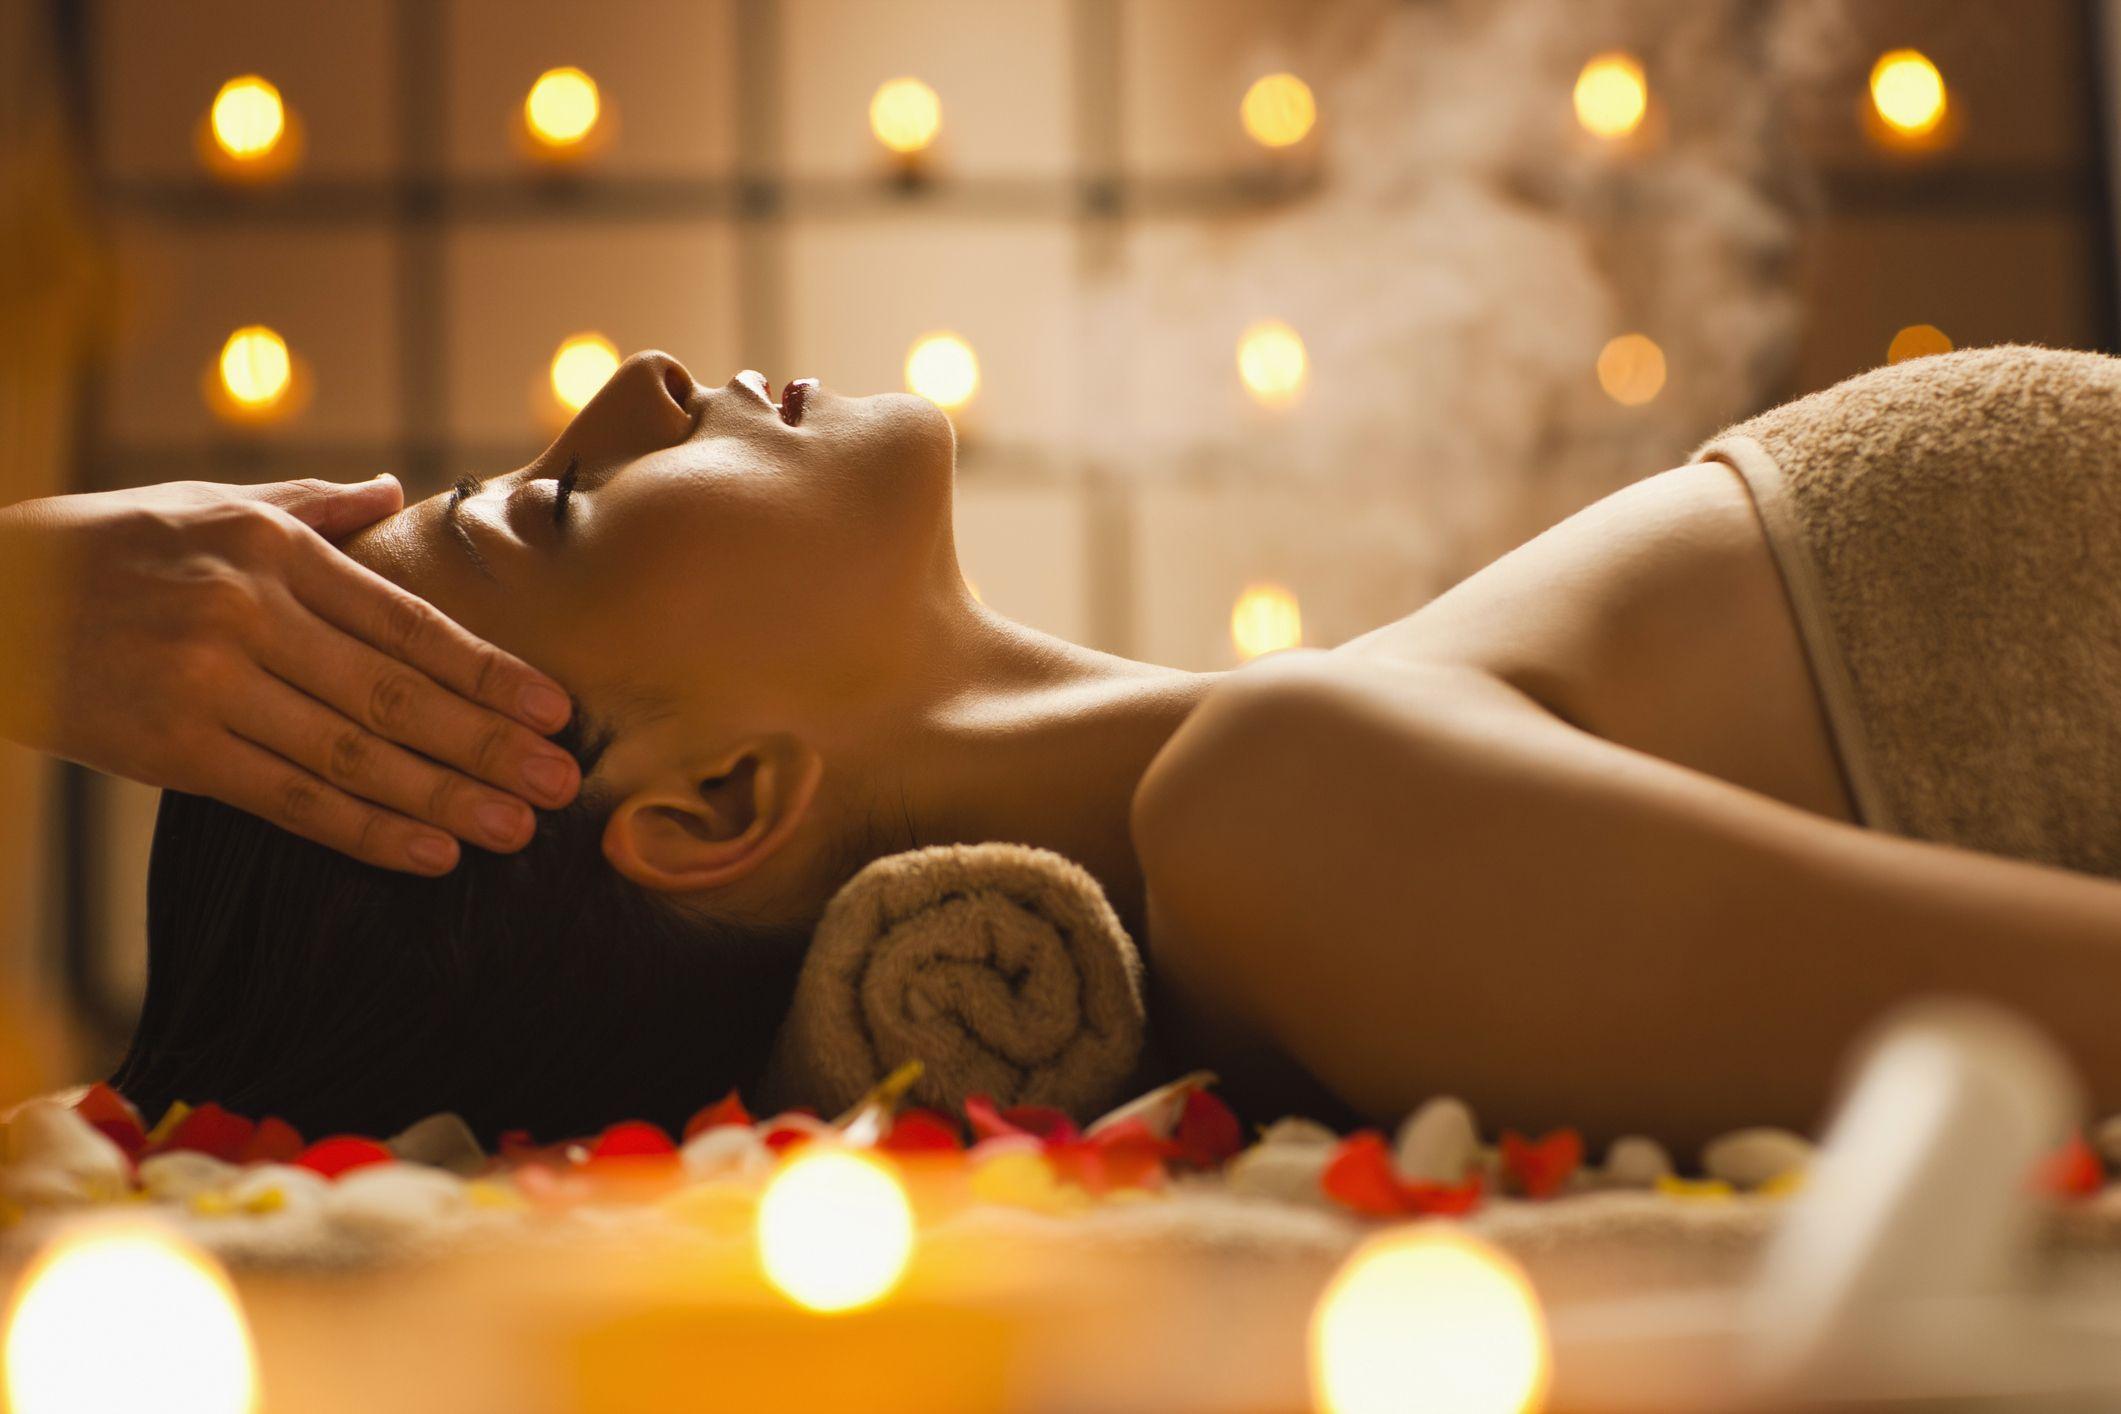 massaggio di salute si trasforma in sesso parte 2 asiatico orgia nero